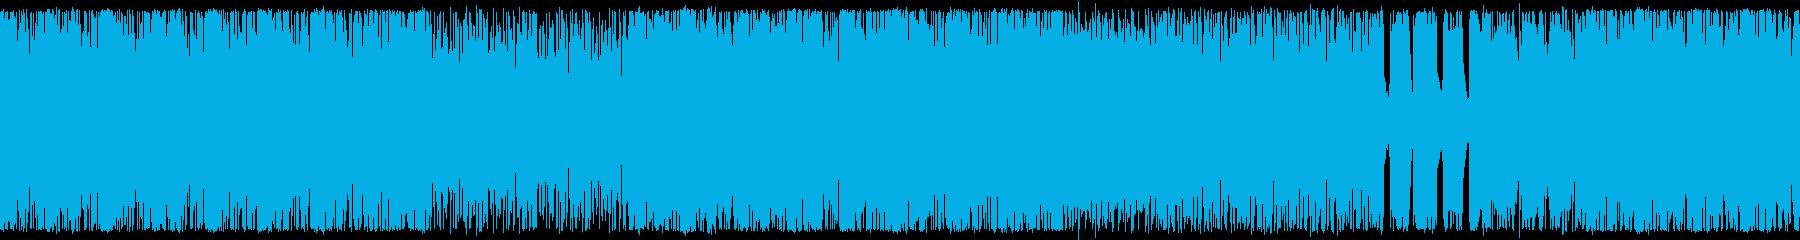 ゴリゴリのダークヒールロック ループ仕様の再生済みの波形